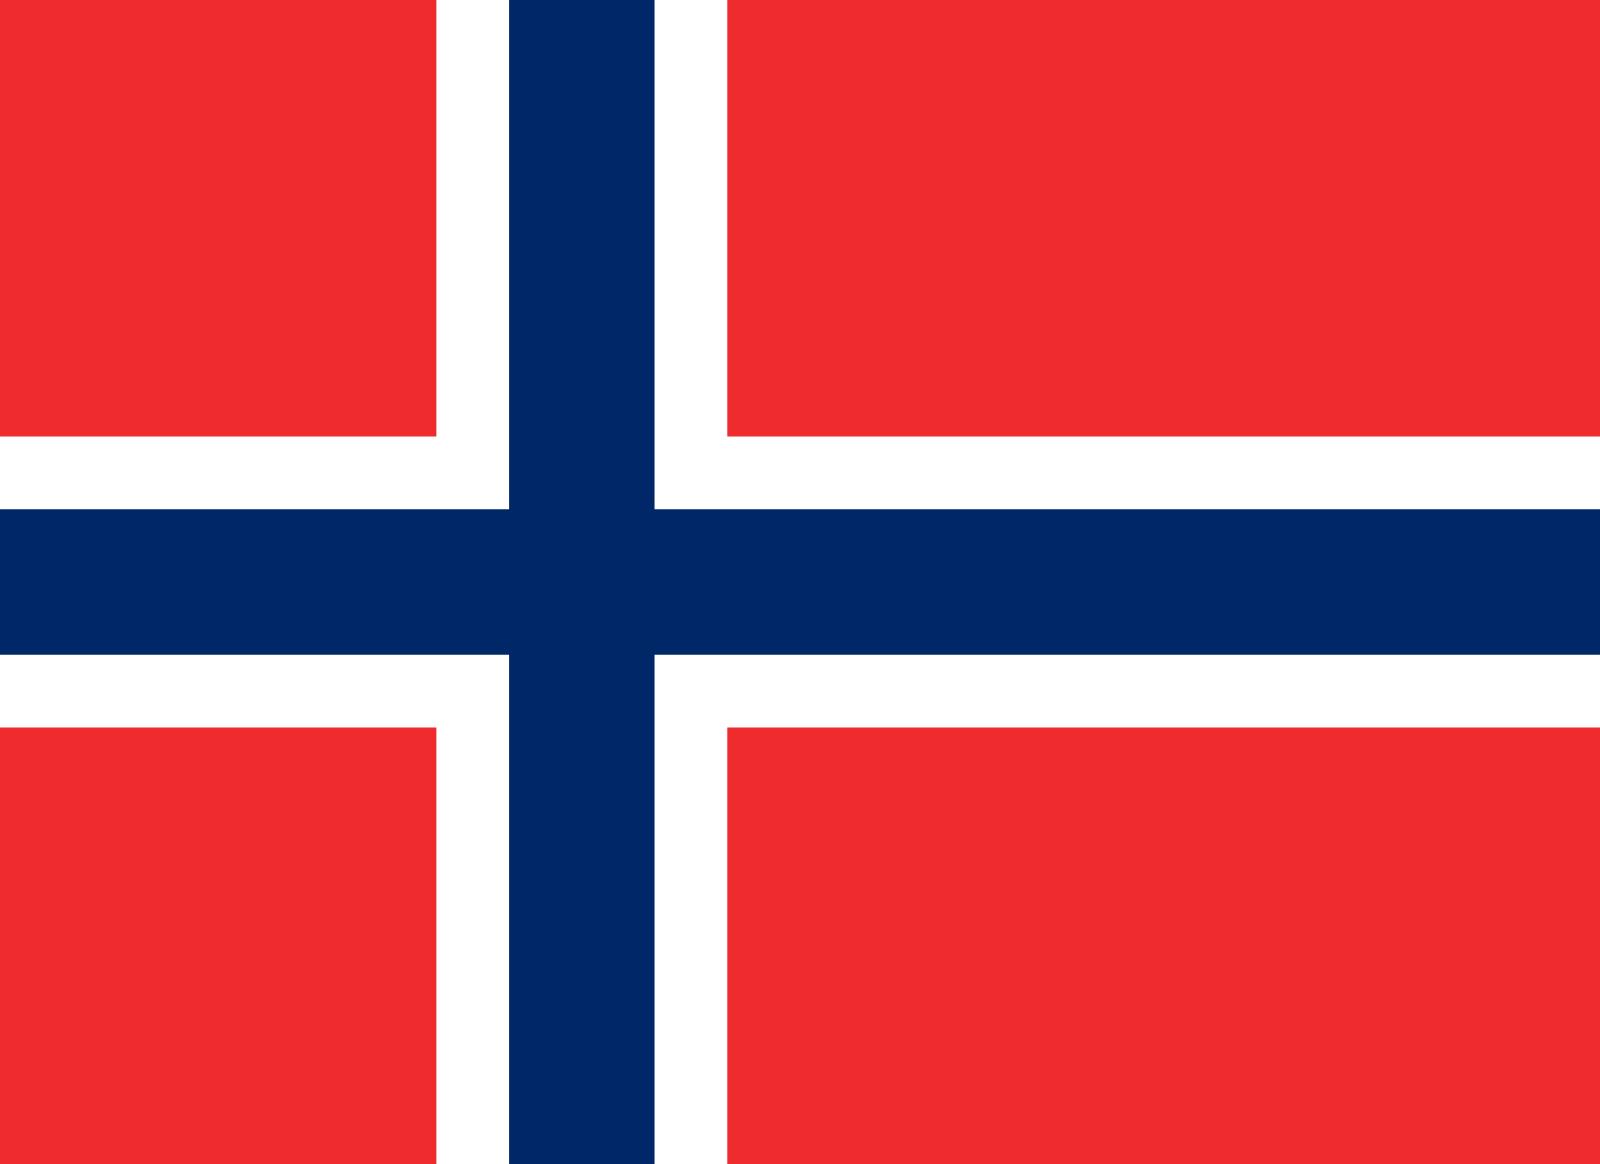 Bandera de Noruega | Vodka Christiania | Pinterest | Bandera de ...